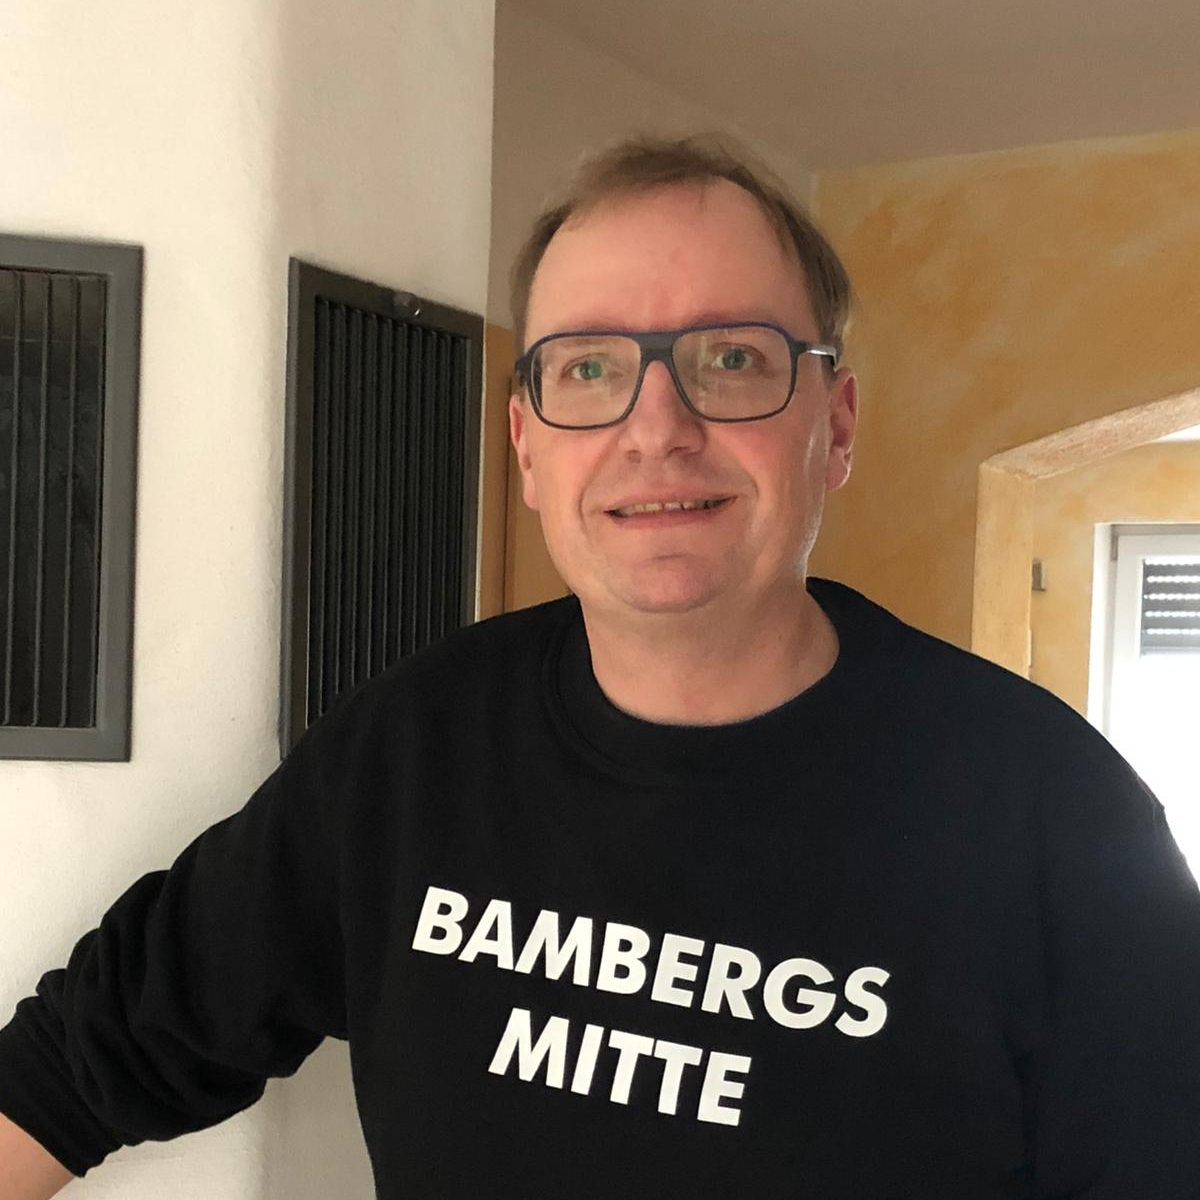 Jürgen Weichlein Kandidat für Bambergs Mitte